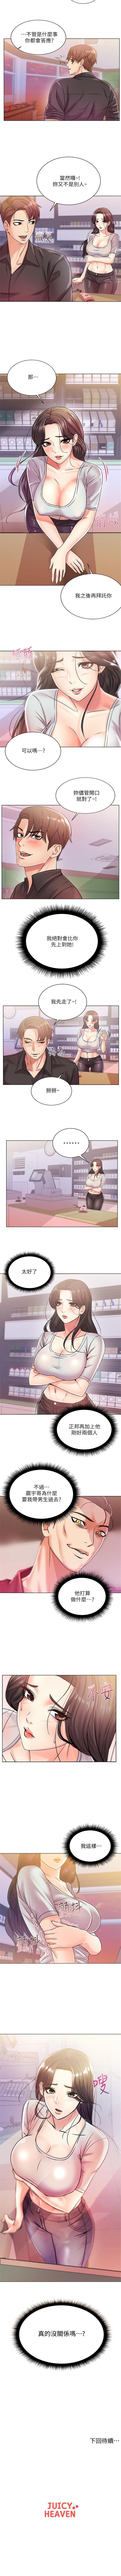 (週3)超市的漂亮姐姐 1-22 中文翻譯(更新中) 114